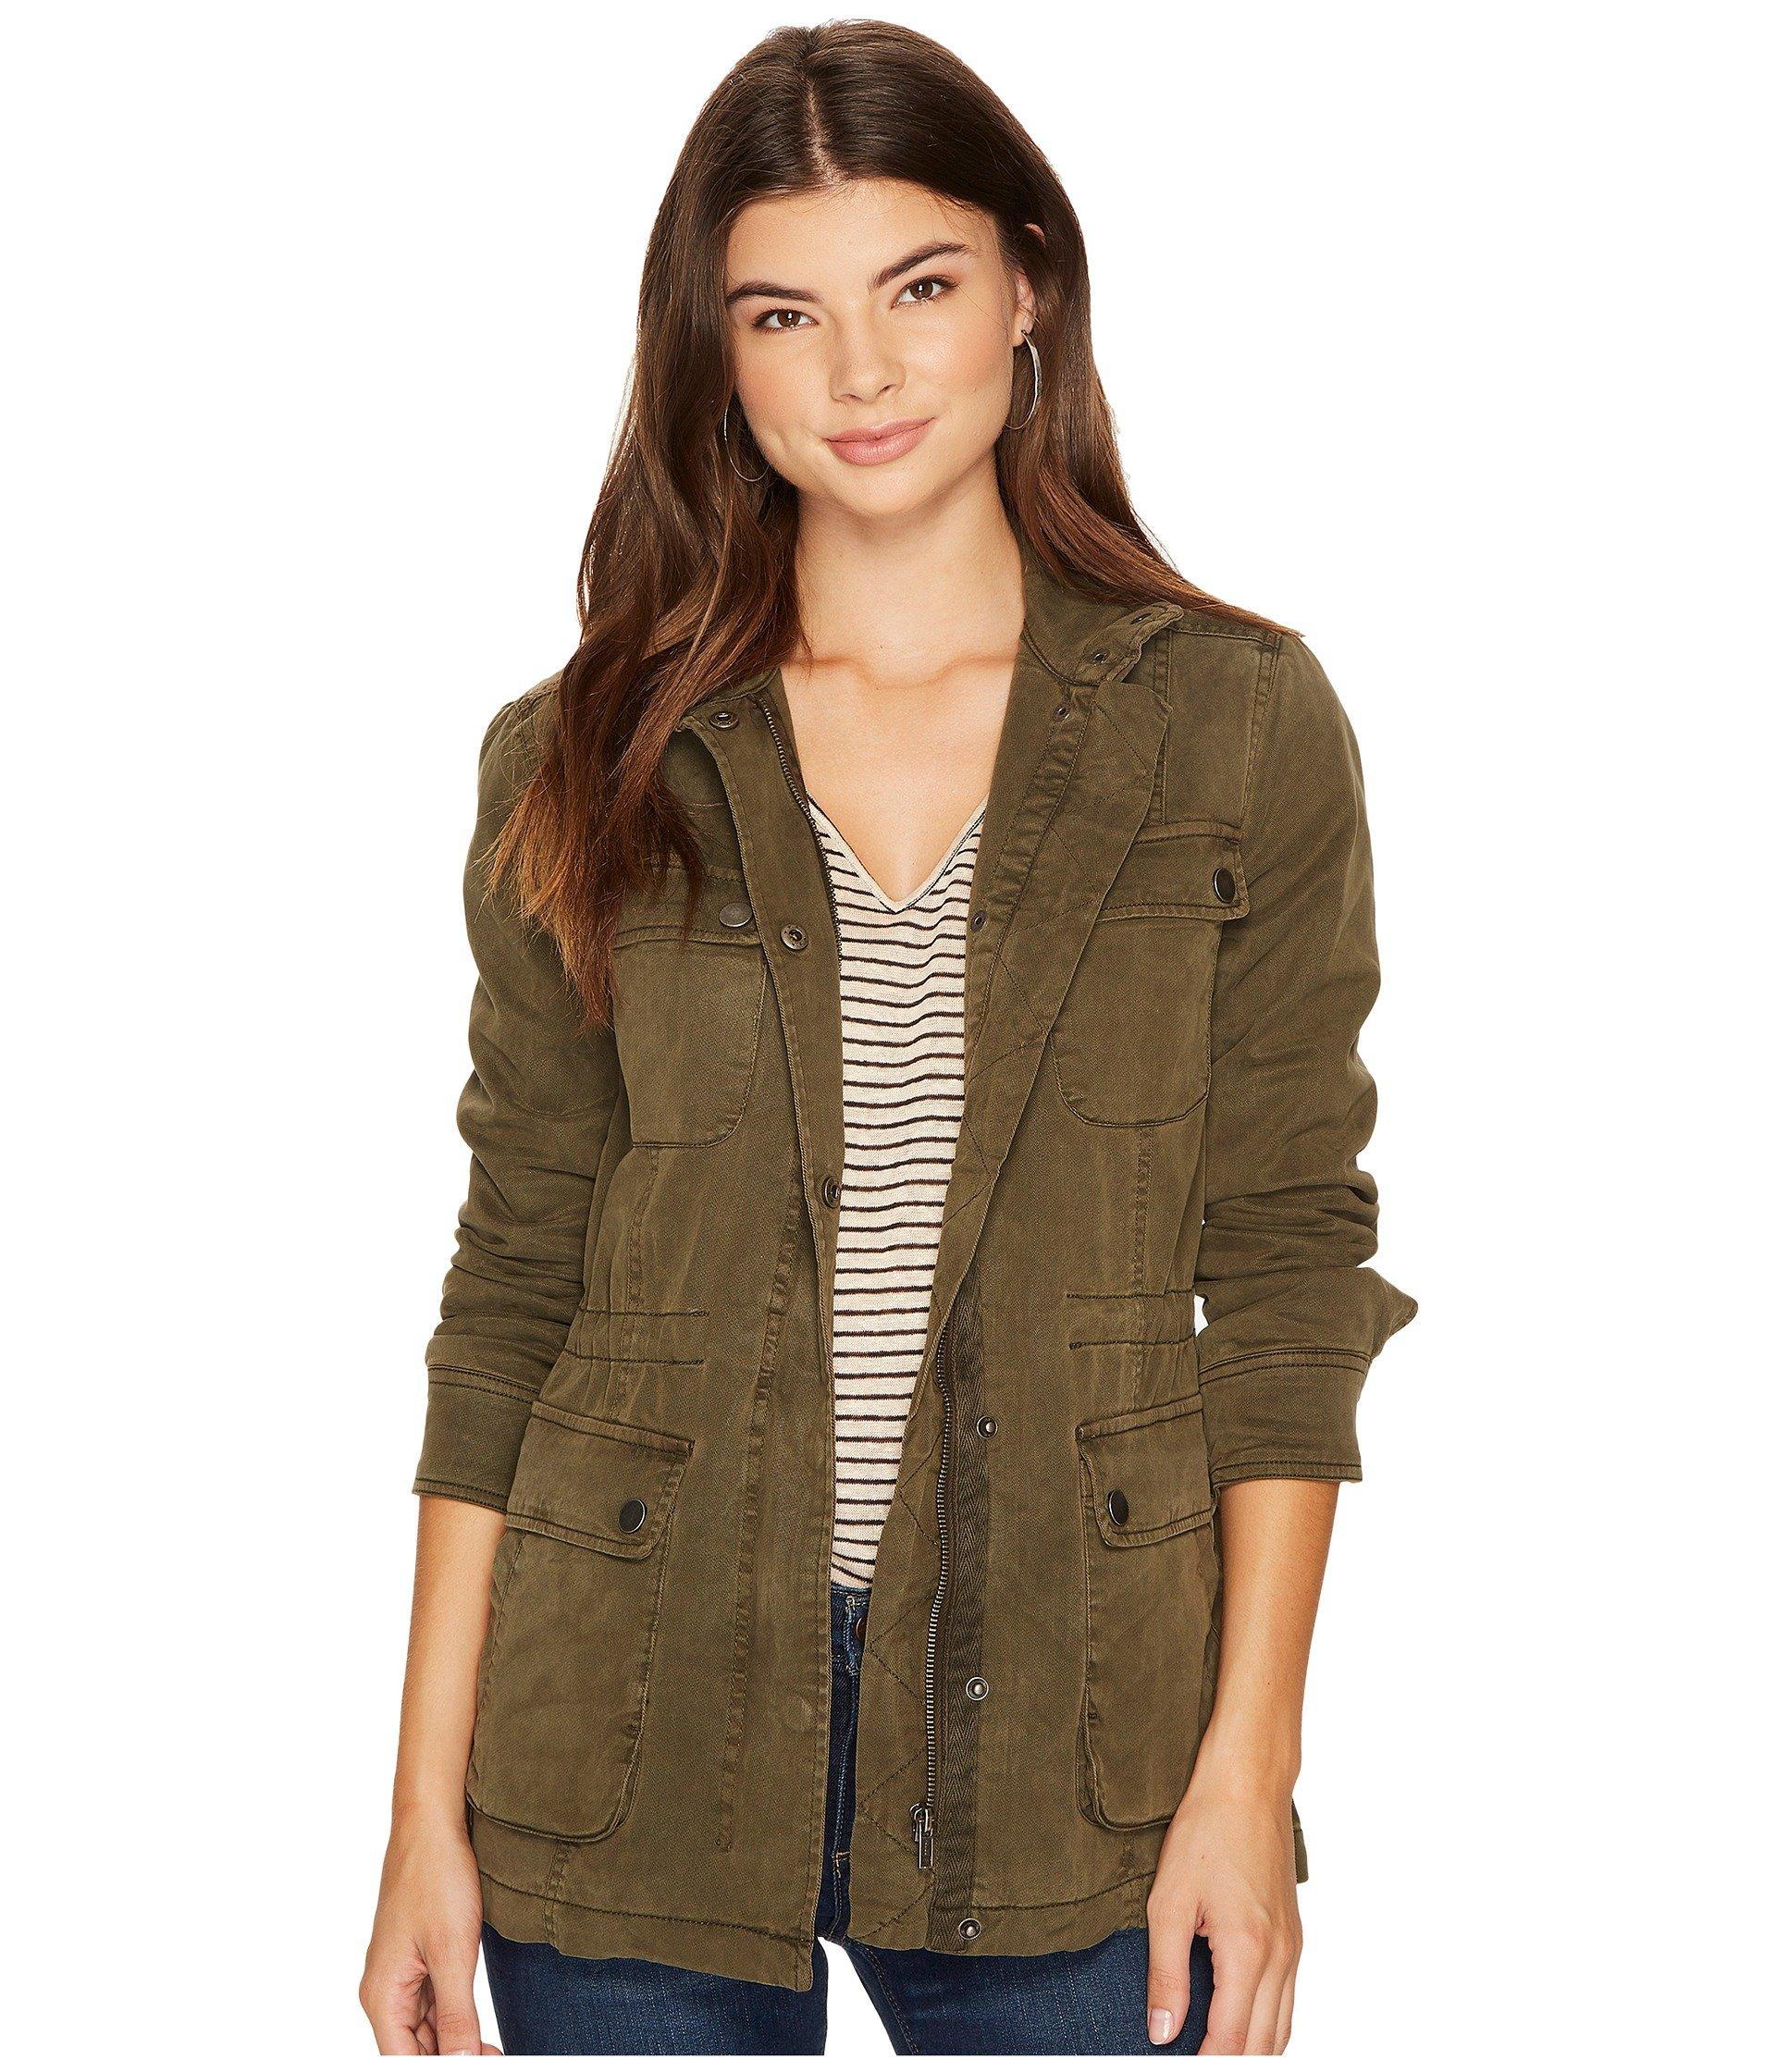 Lucky Brand Women's Utility Jacket Dark Sage Outerwear